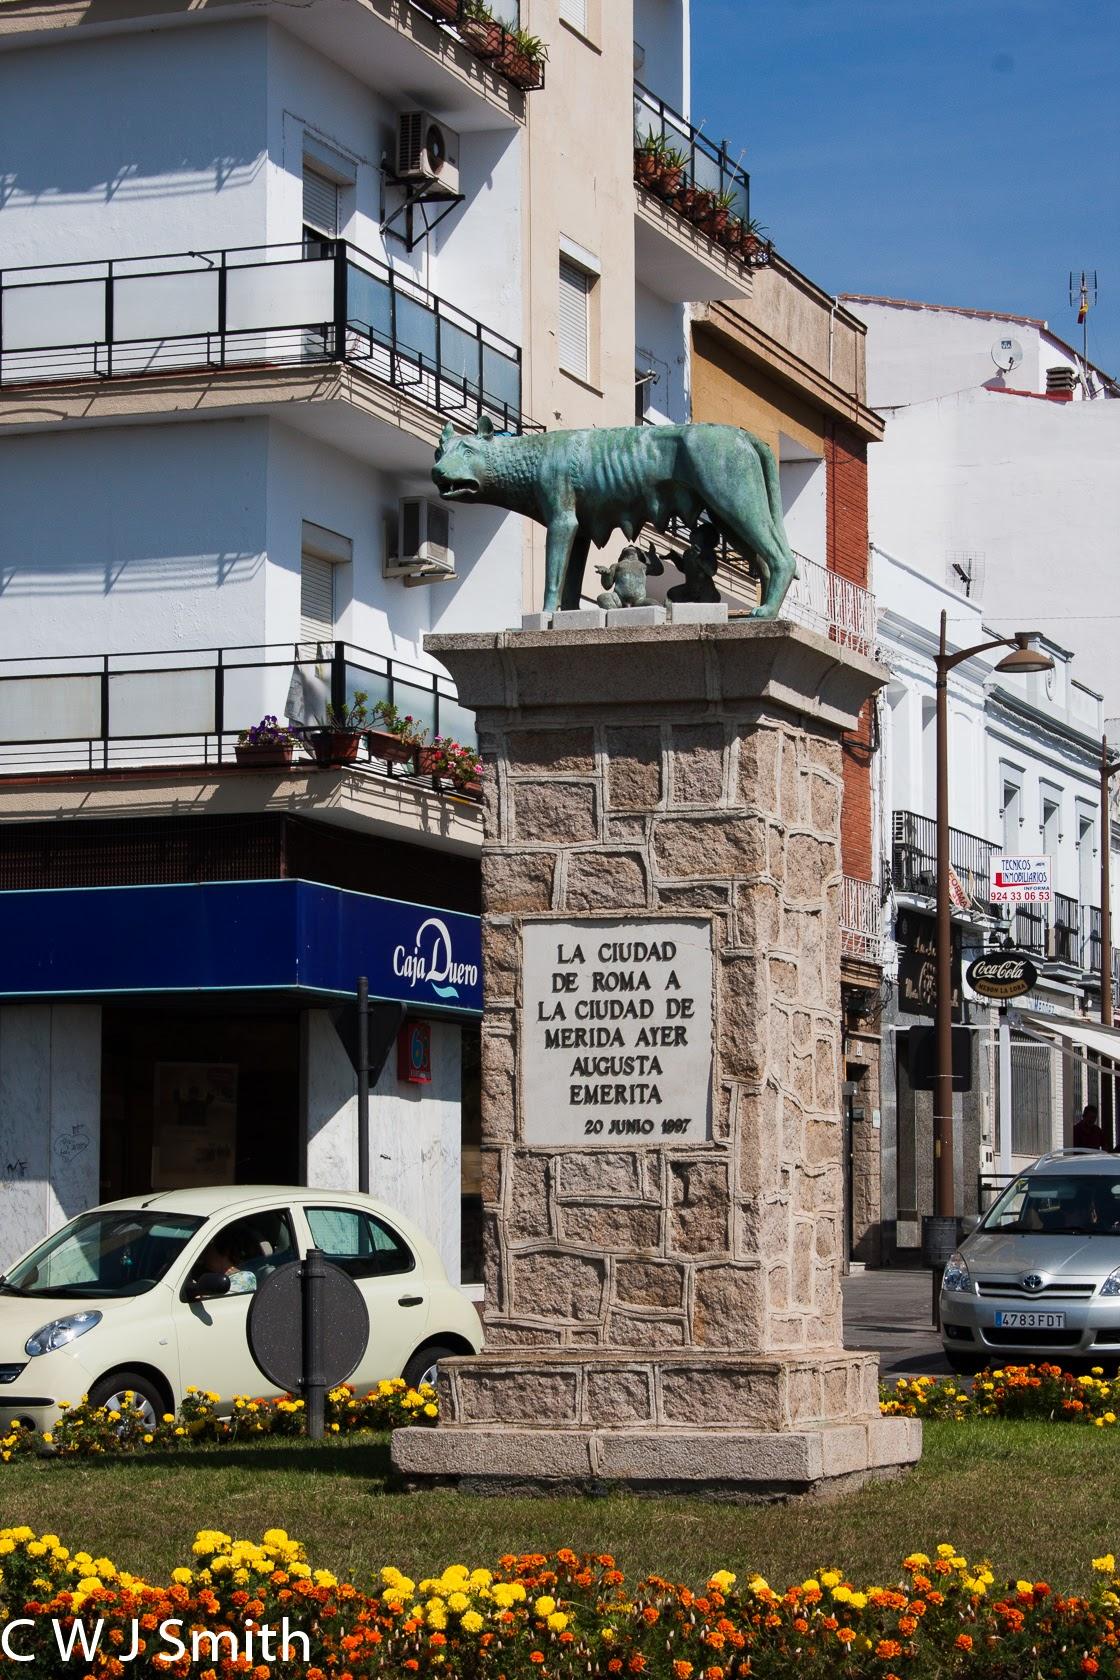 Merida, Lisbon & Badajoz 2015